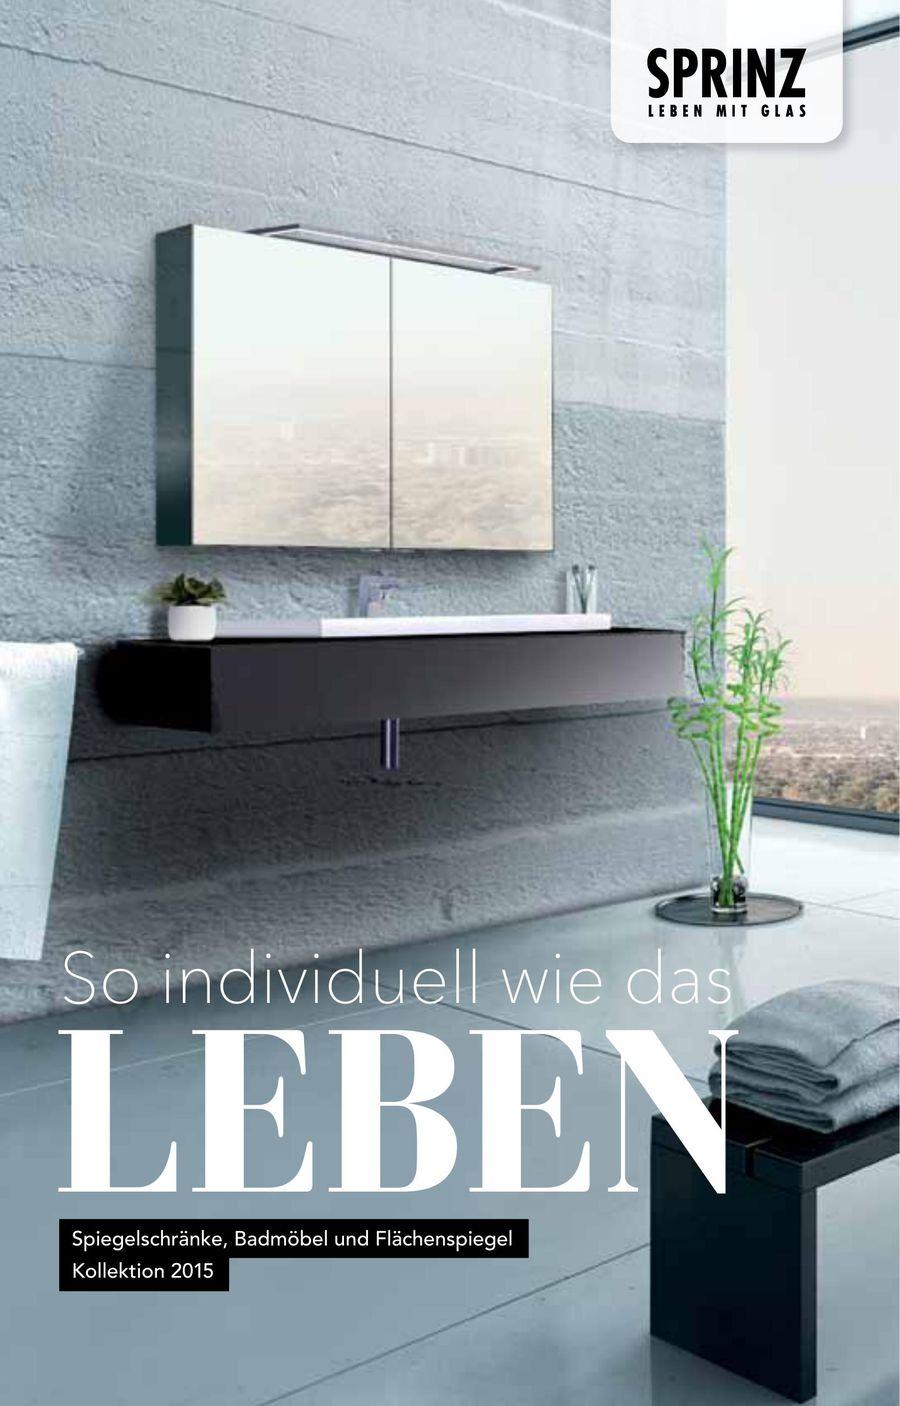 Sprinz Spiegelschränke von Reuter Onlineshop